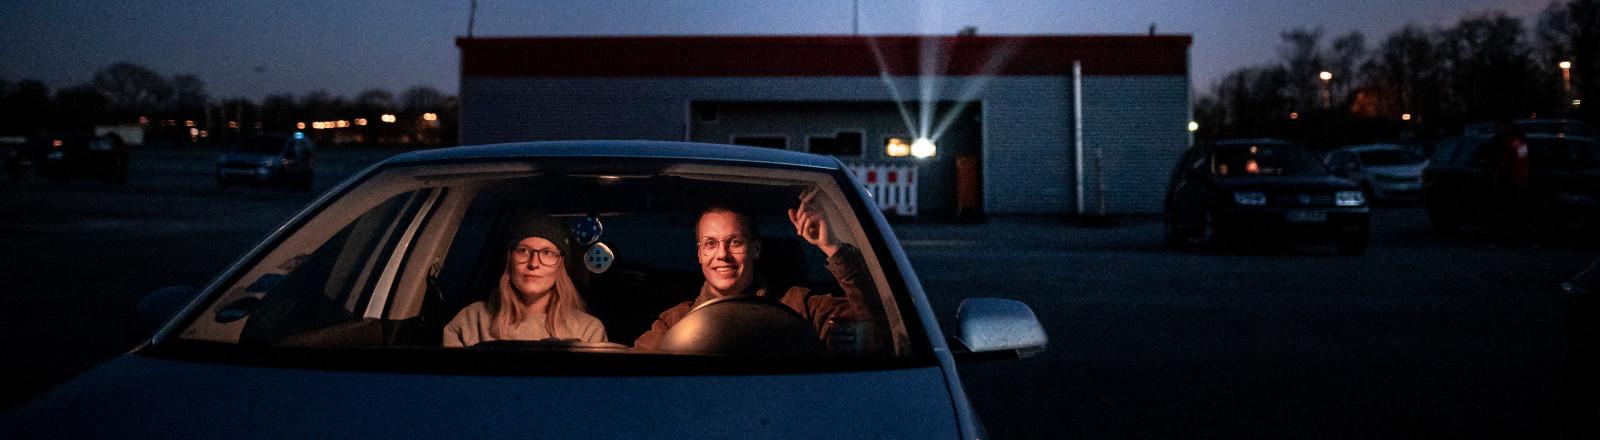 24.03.2020, Nordrhein-Westfalen, Essen: Zwei Besucher des Autokinos sitzen im PKW und gucken auf die Leinwand.